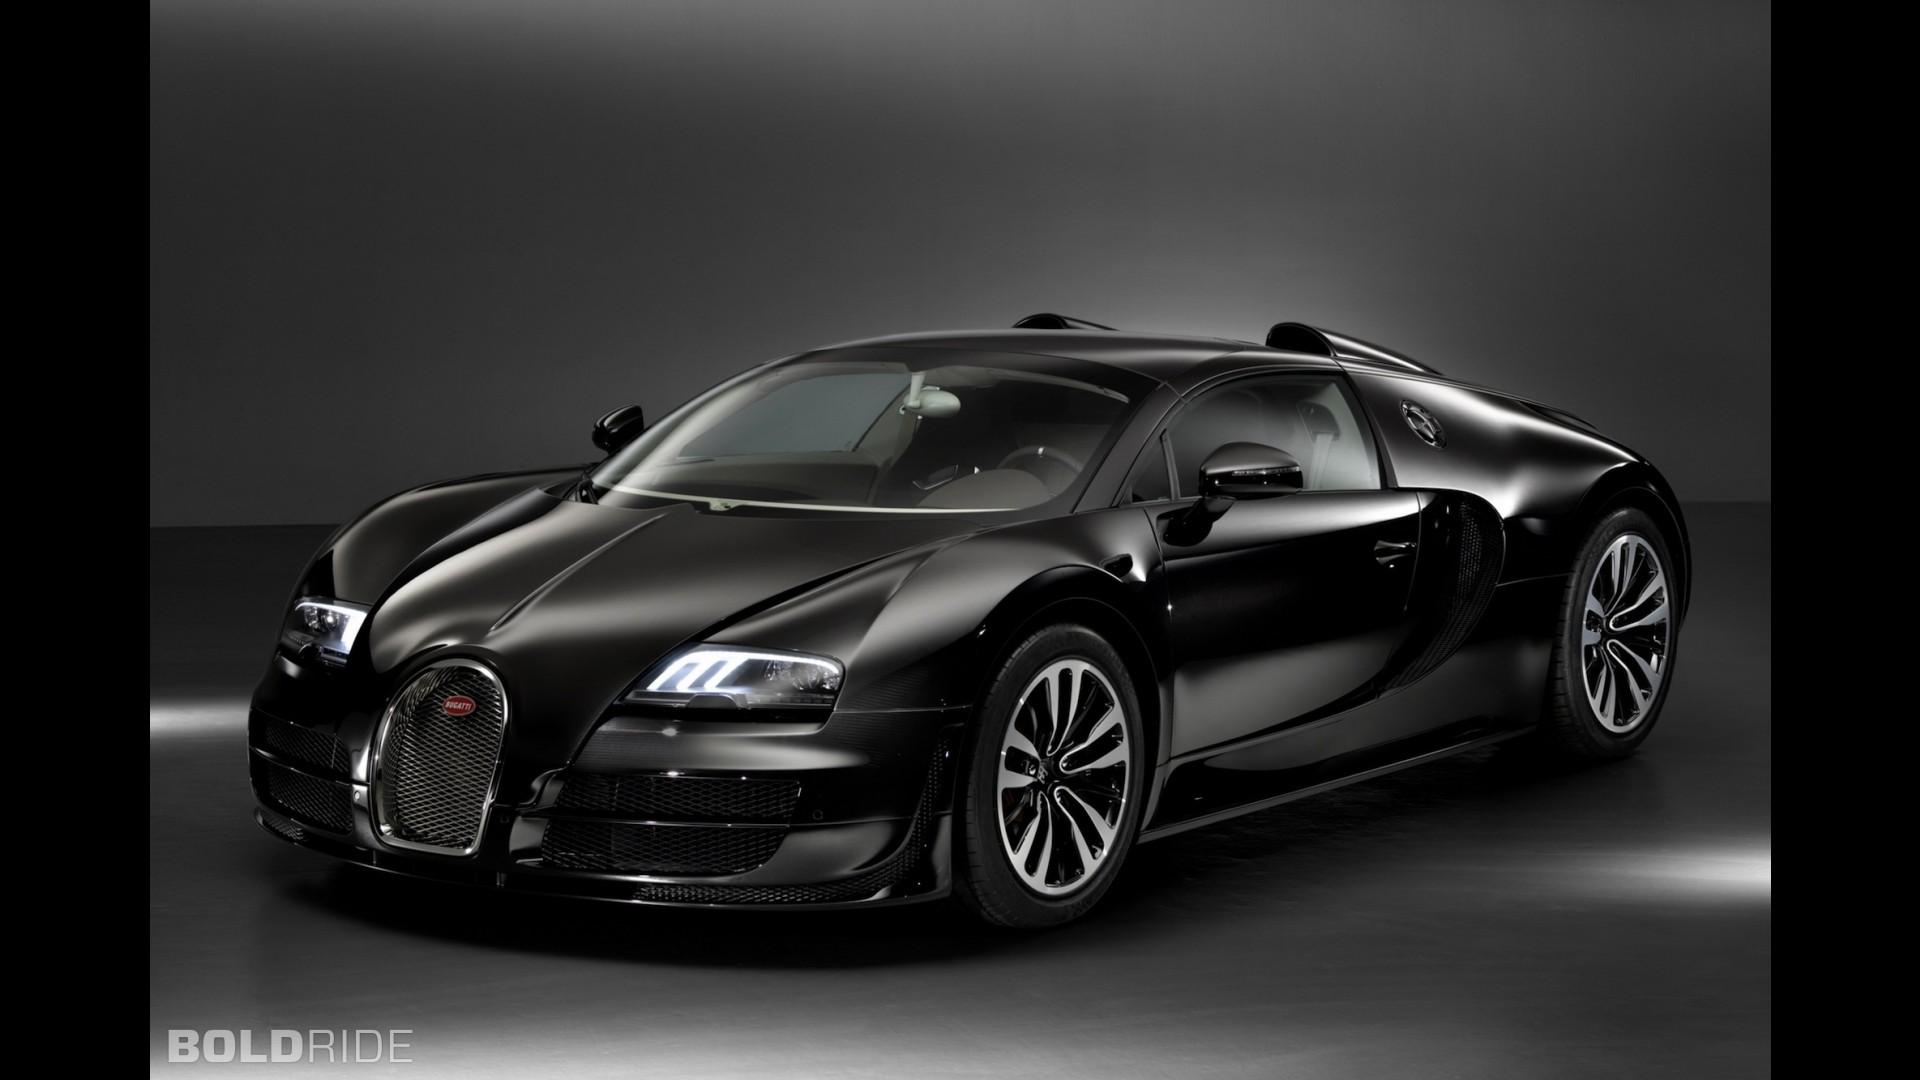 bugatti-veyron-grand-sport-vitesse-legend-jean-bugatti-special-edition Cozy Bugatti Veyron Rembrandt Edition Price Cars Trend